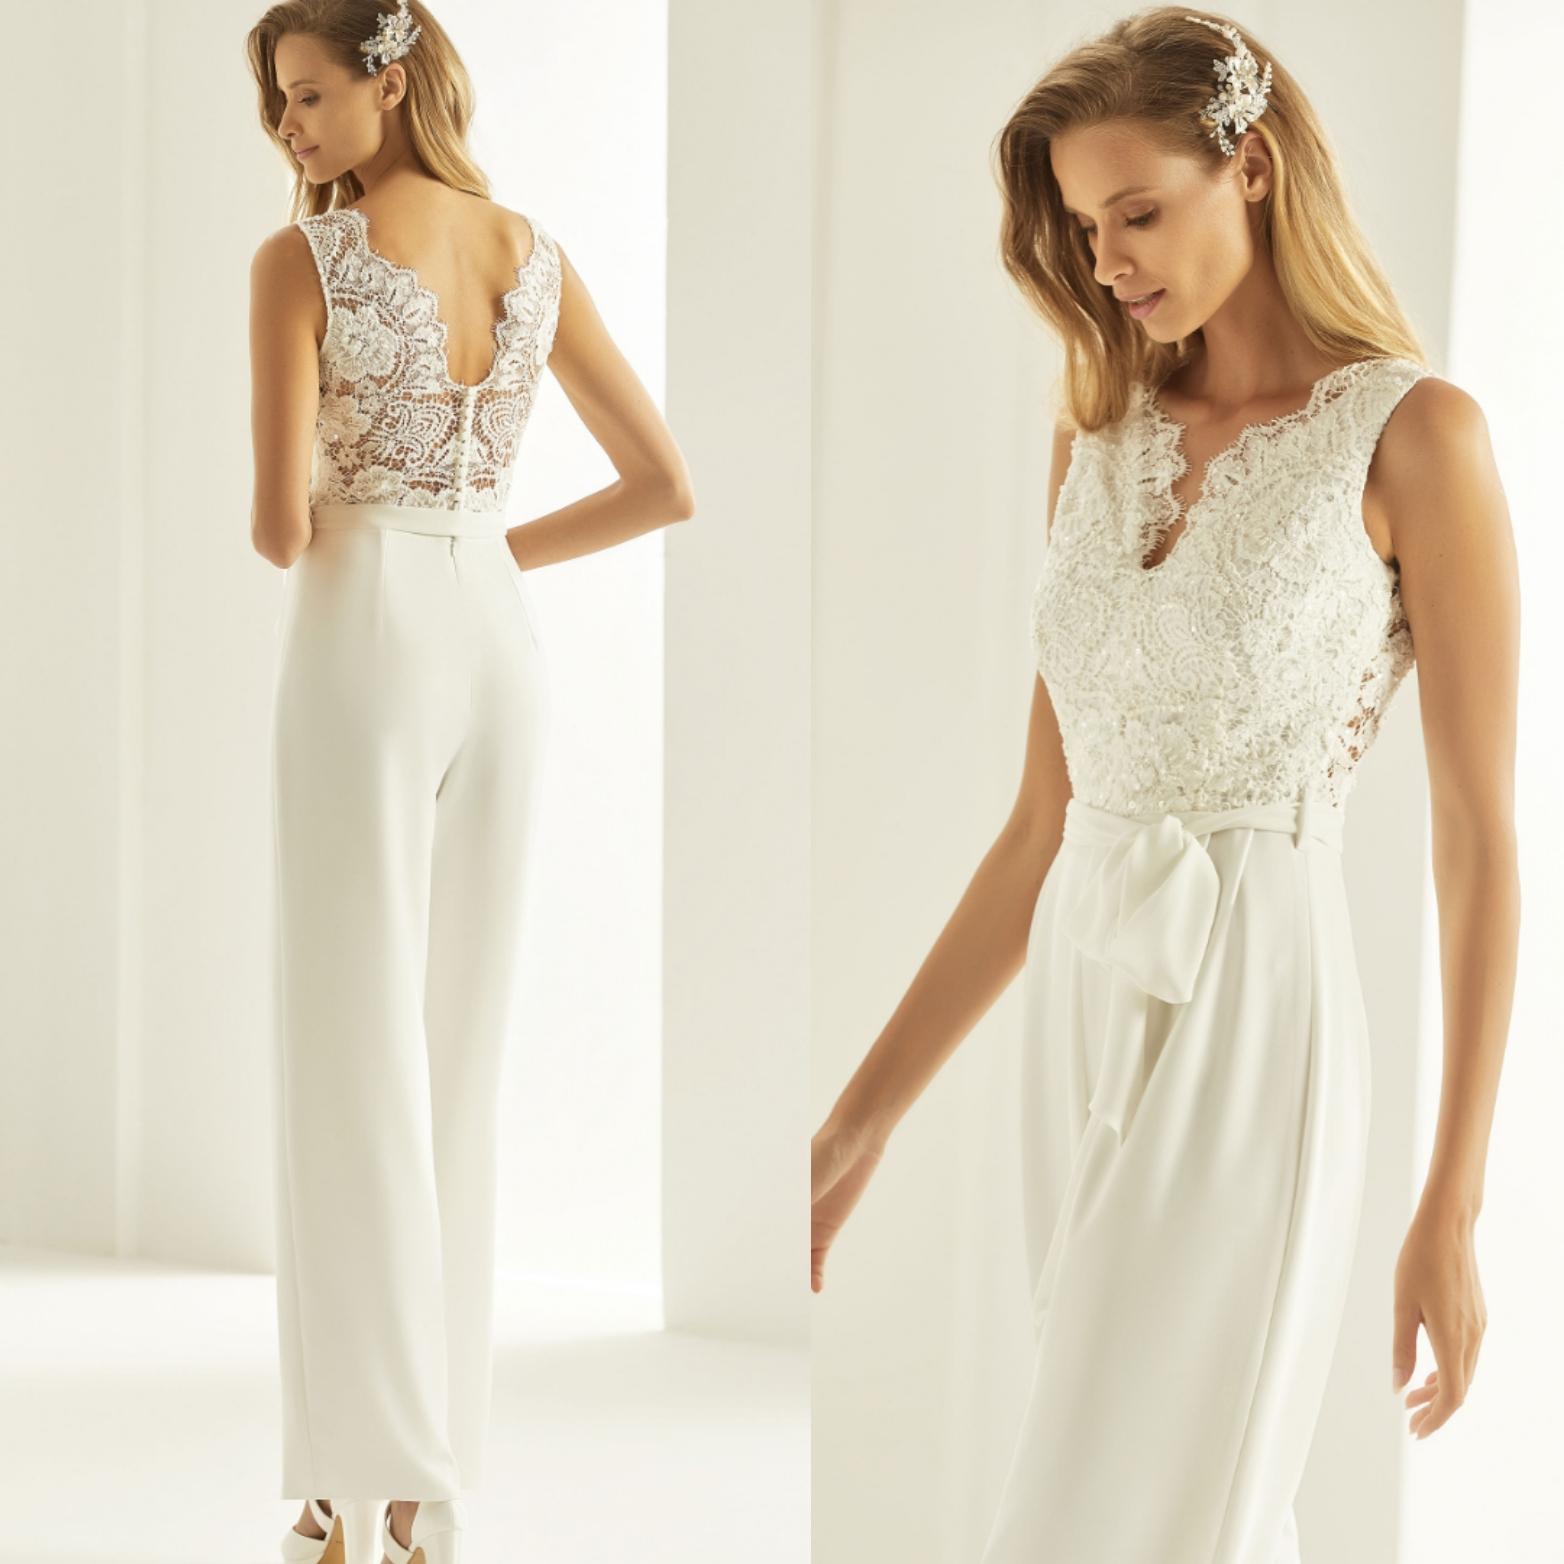 Heiraten Im Jumpsuit Festliche Overalls Fur Braute In 2020 Braut Kleider Hochzeit Hochzeit Jumpsuit